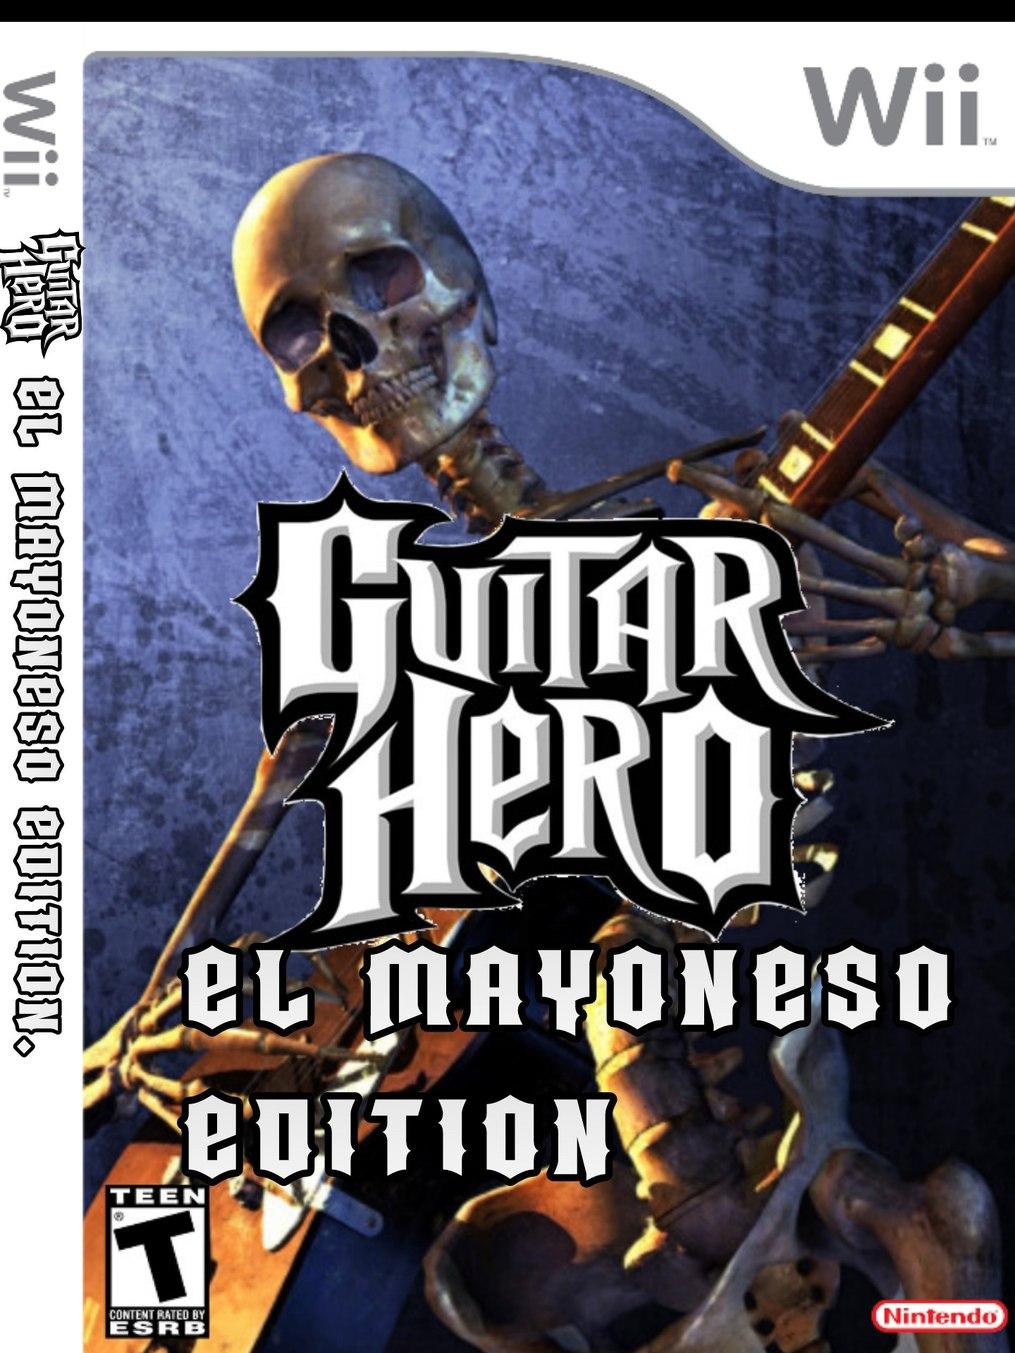 Guitar hero el mayoneso edition - meme